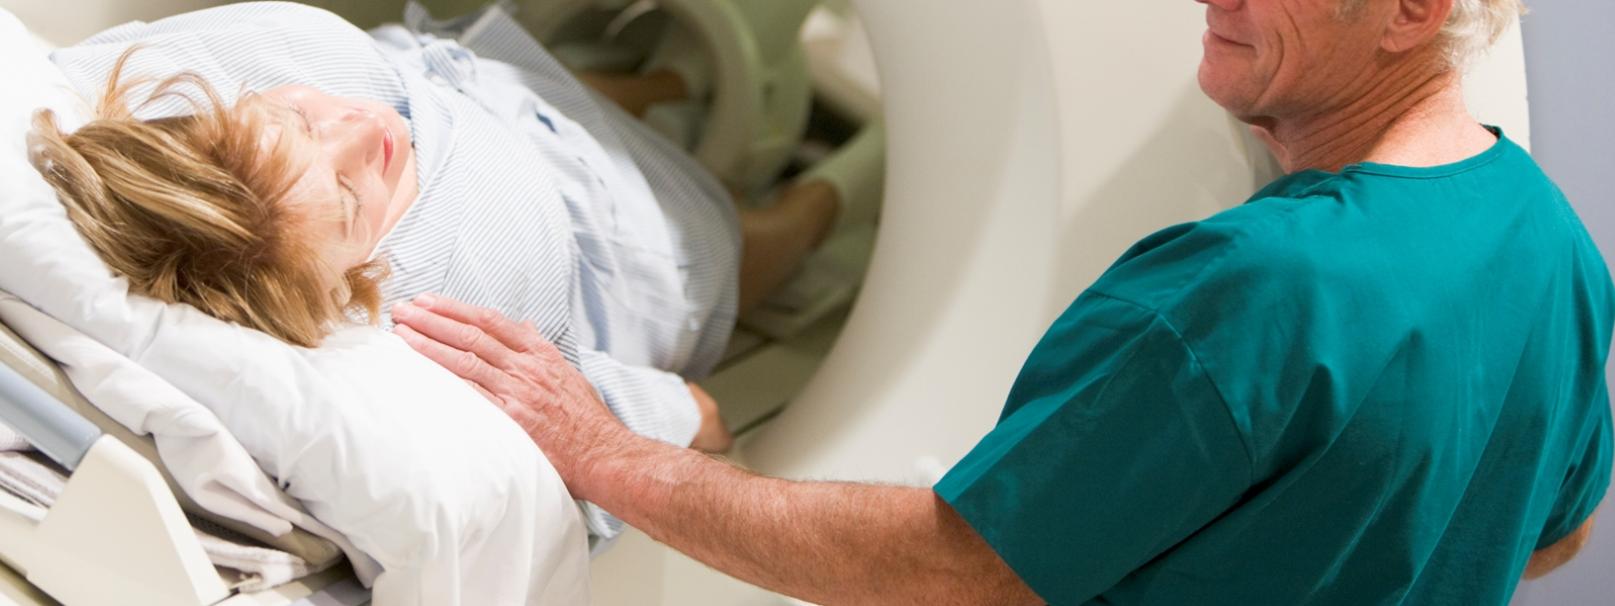 Röntgenezés közben betegmozgatás